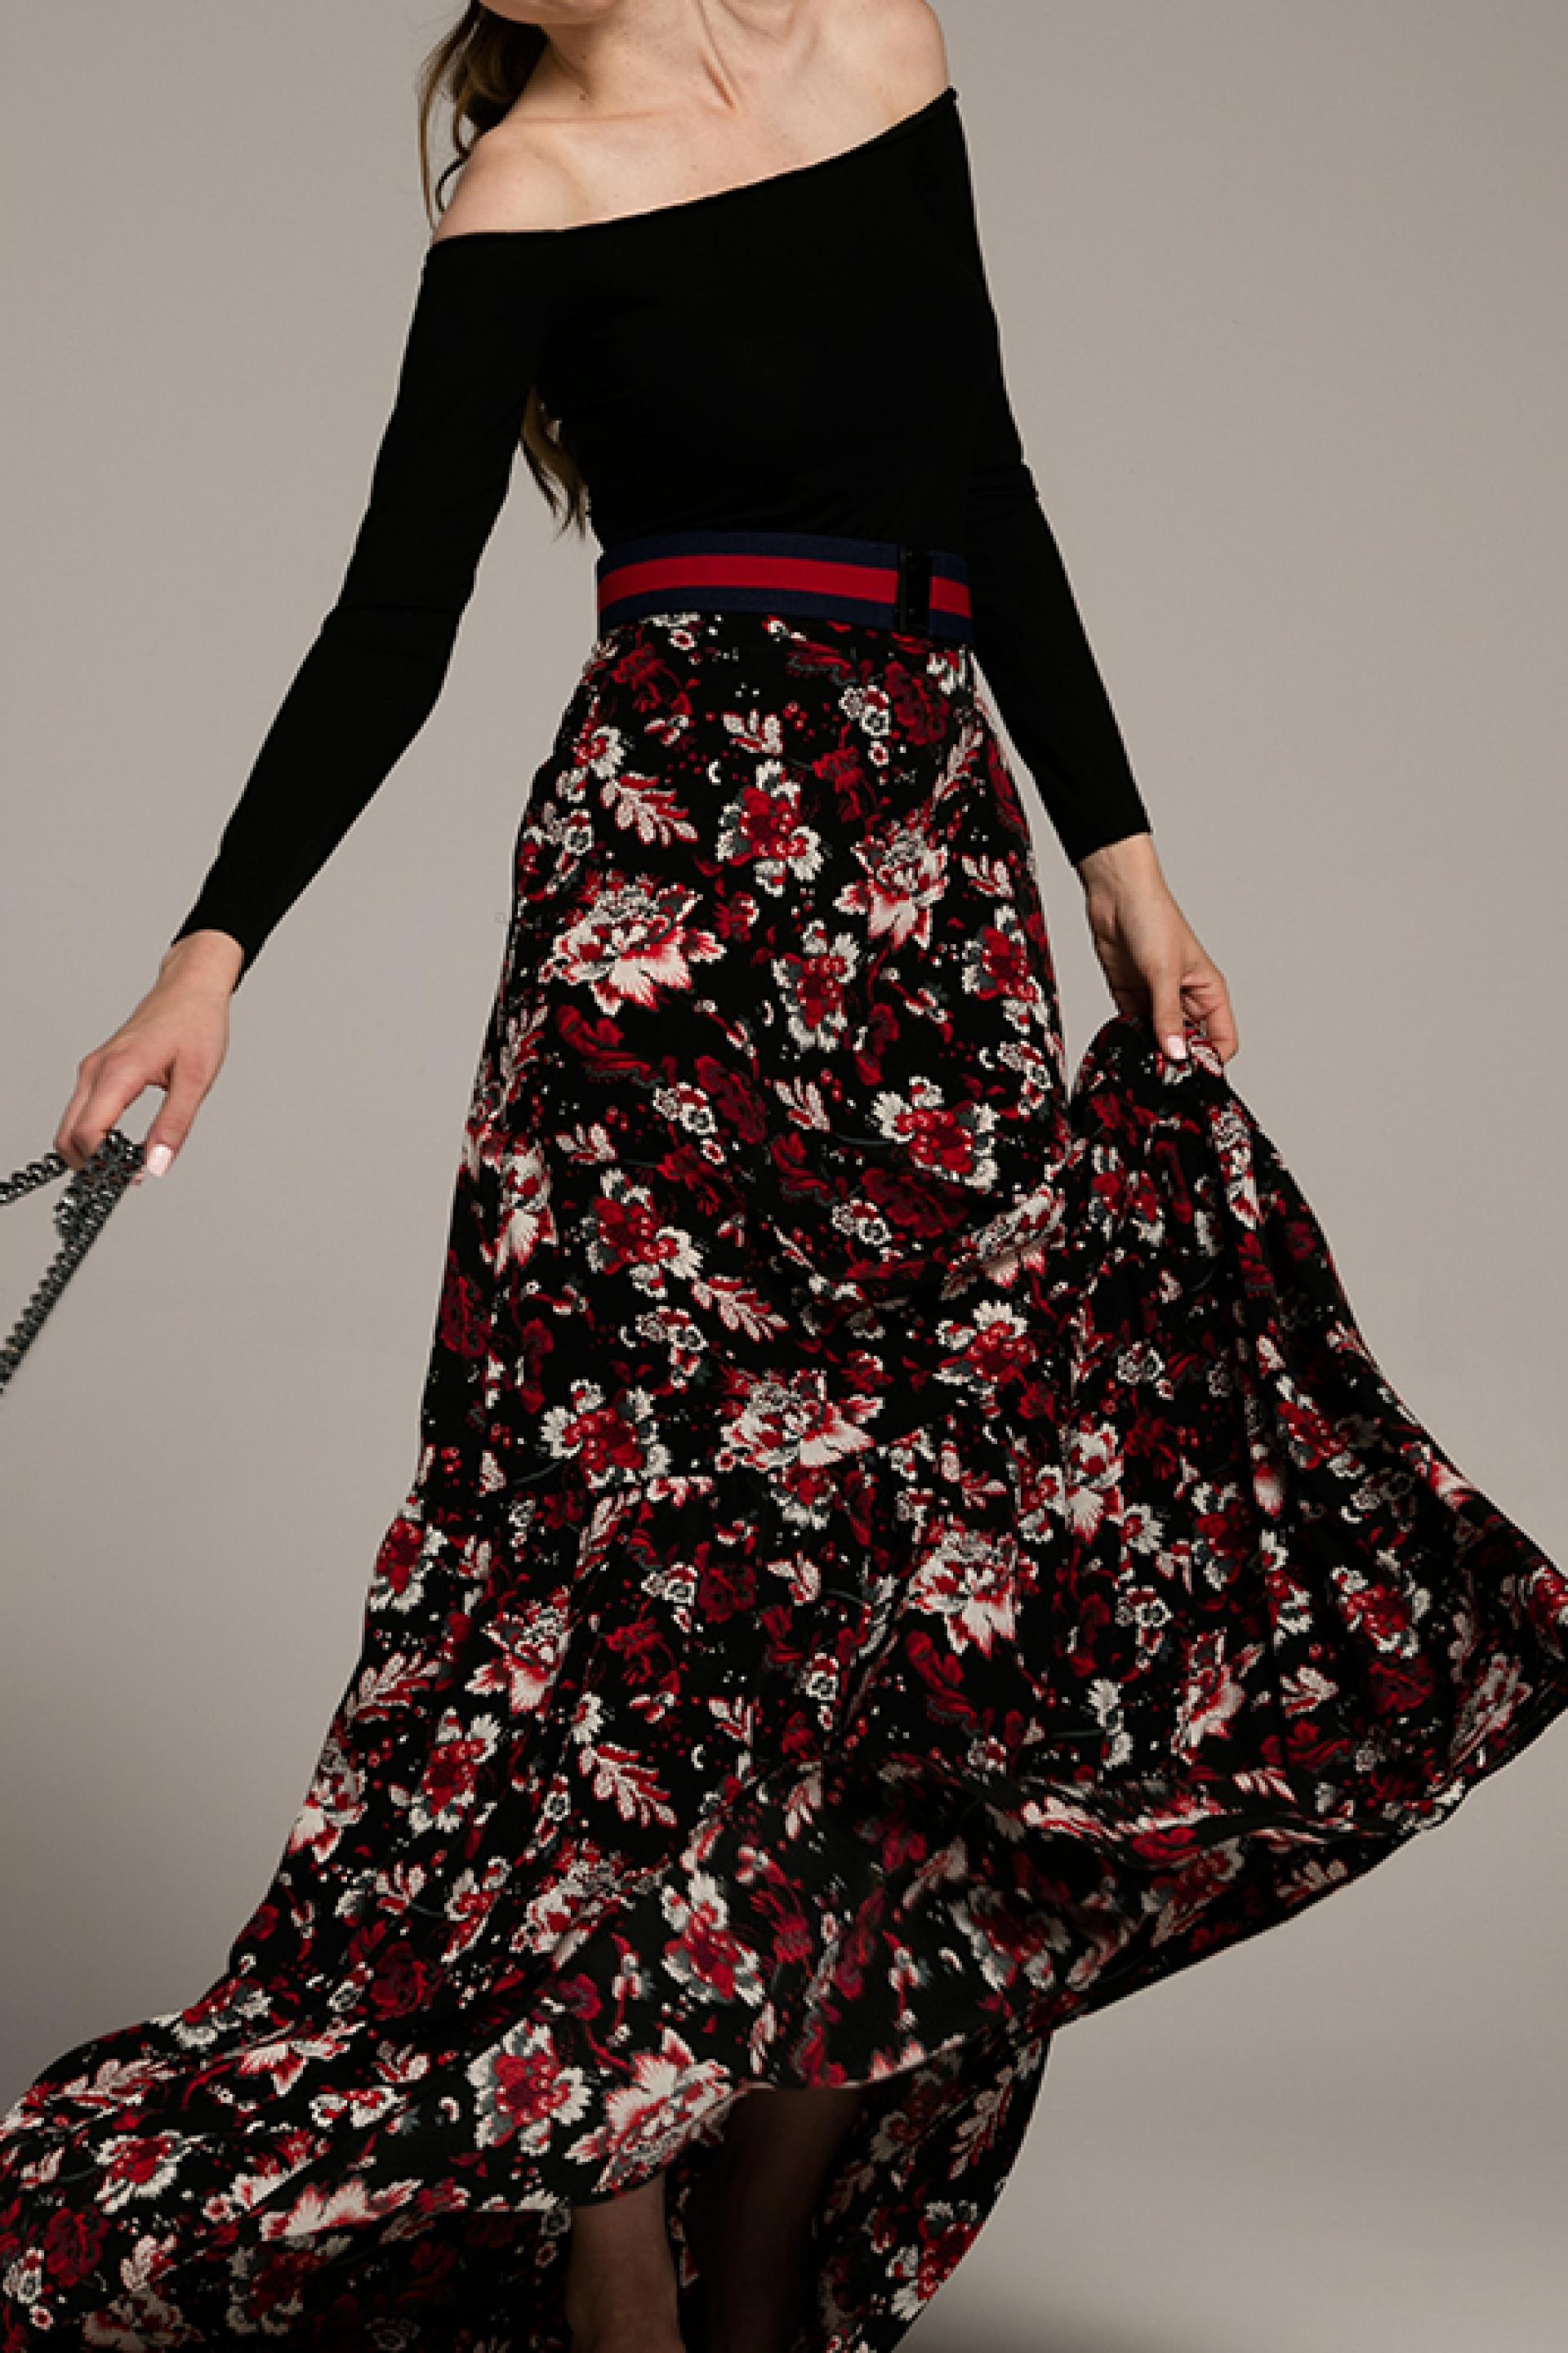 Tylko na zewnątrz Długa spódnica w kwiaty - Gust Gust KH01